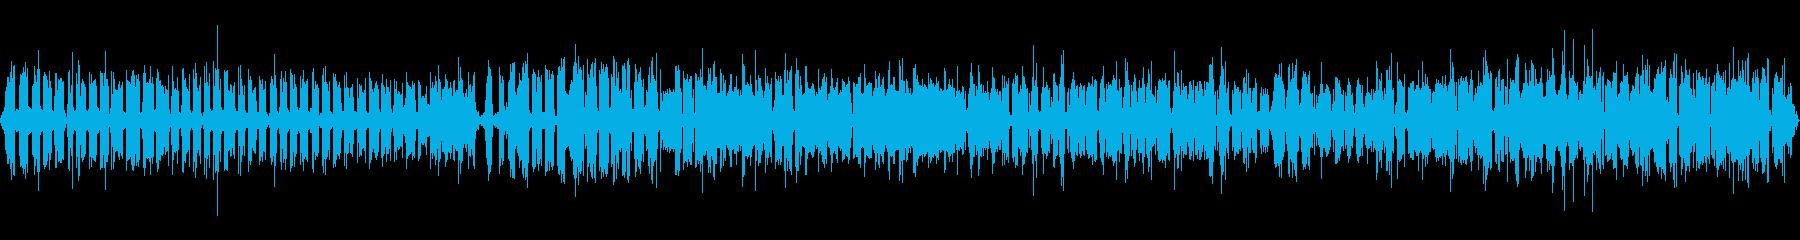 連続して鳴いている活発なコオロギ の再生済みの波形